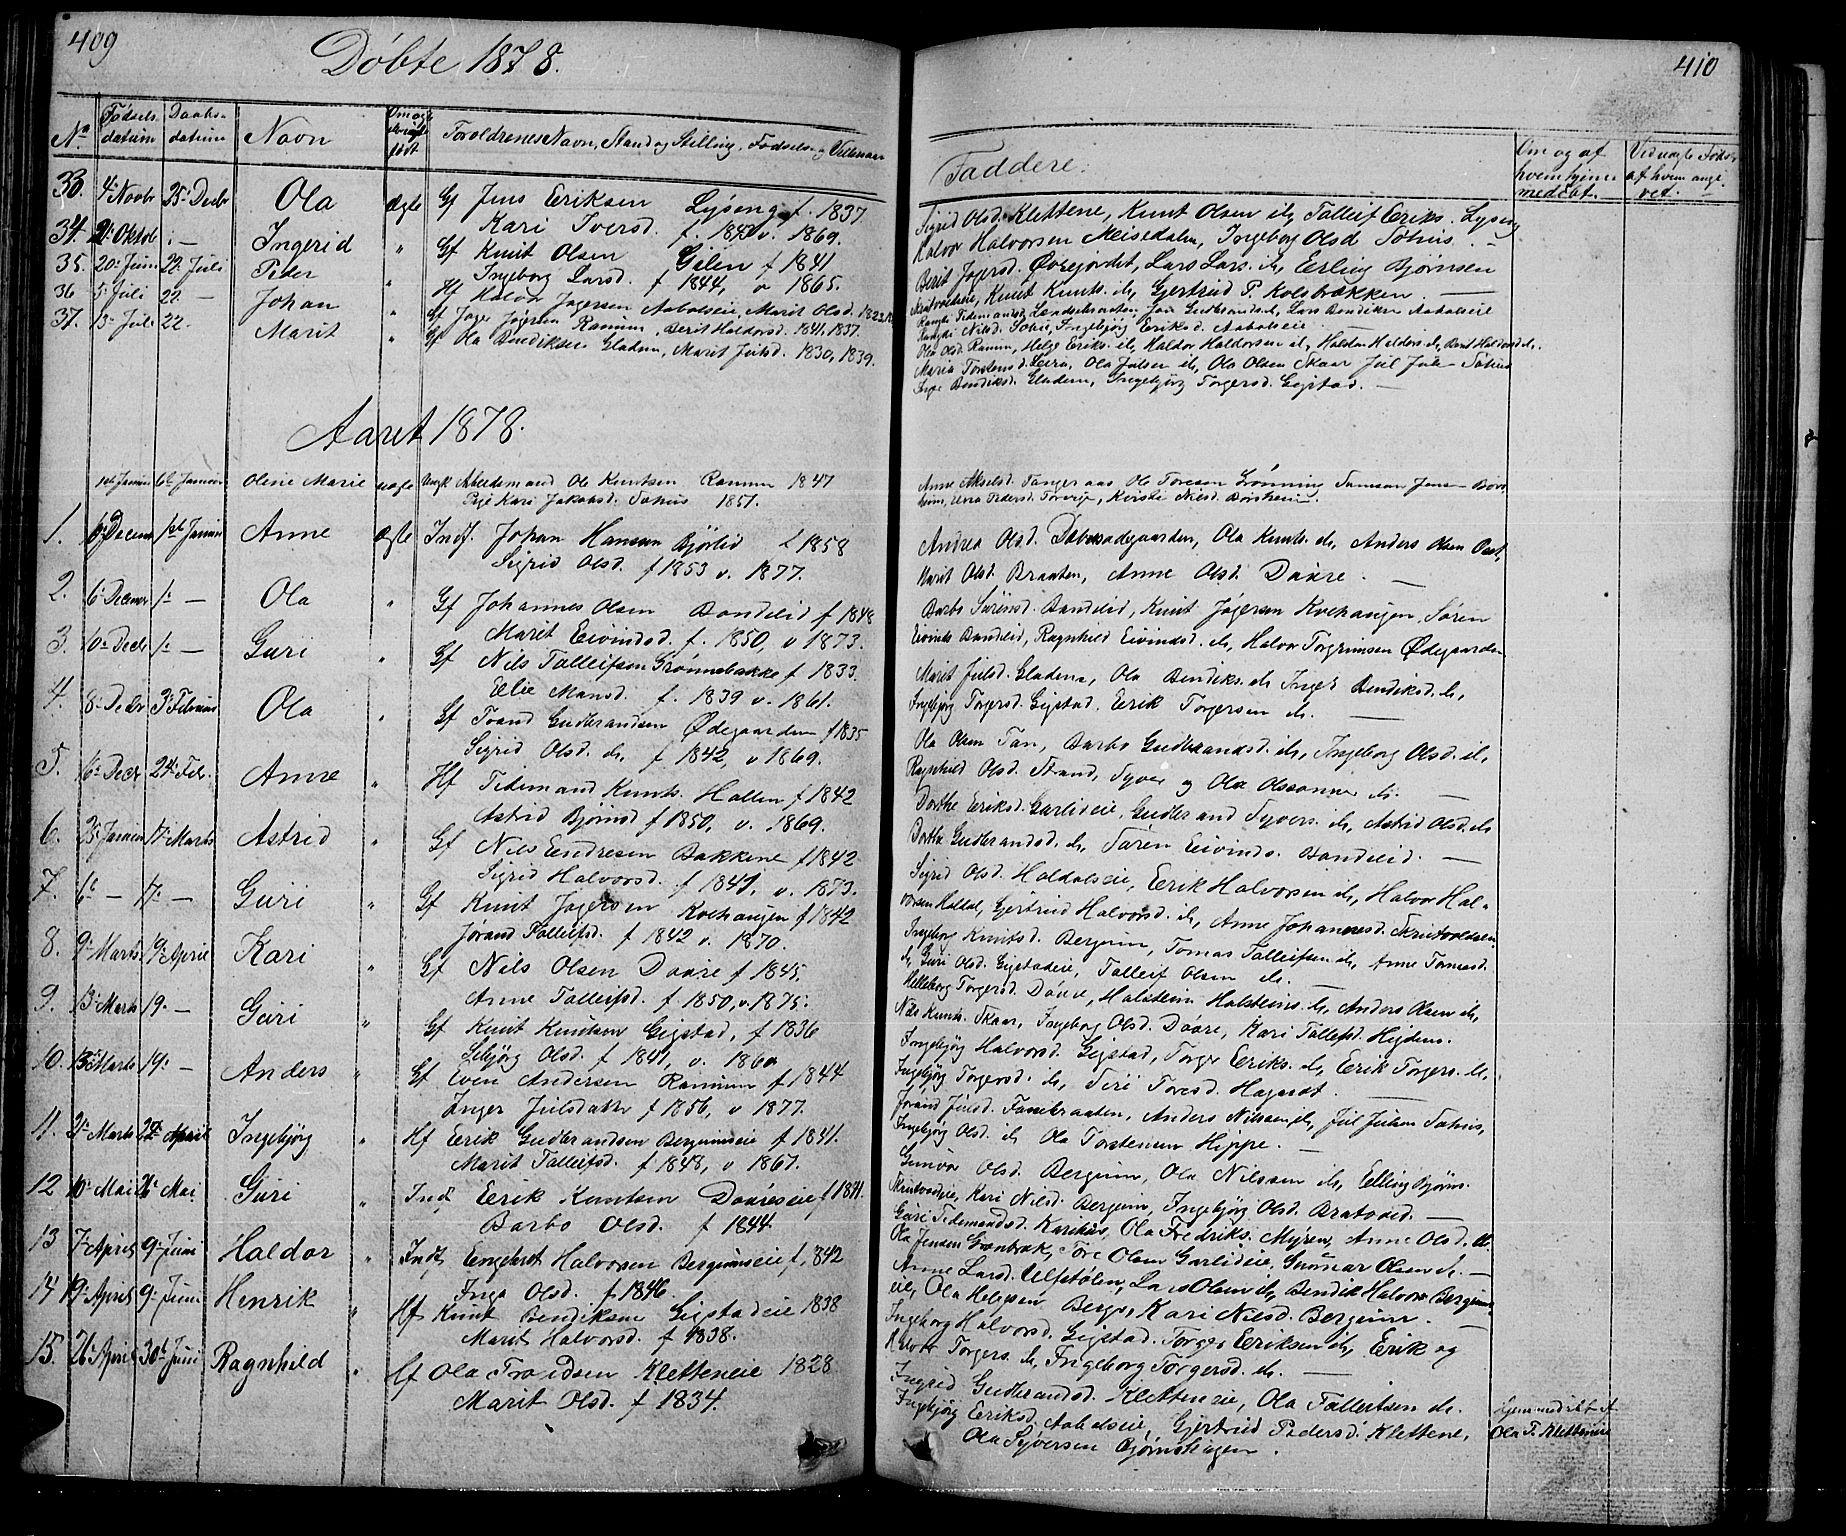 SAH, Nord-Aurdal prestekontor, Klokkerbok nr. 1, 1834-1887, s. 409-410